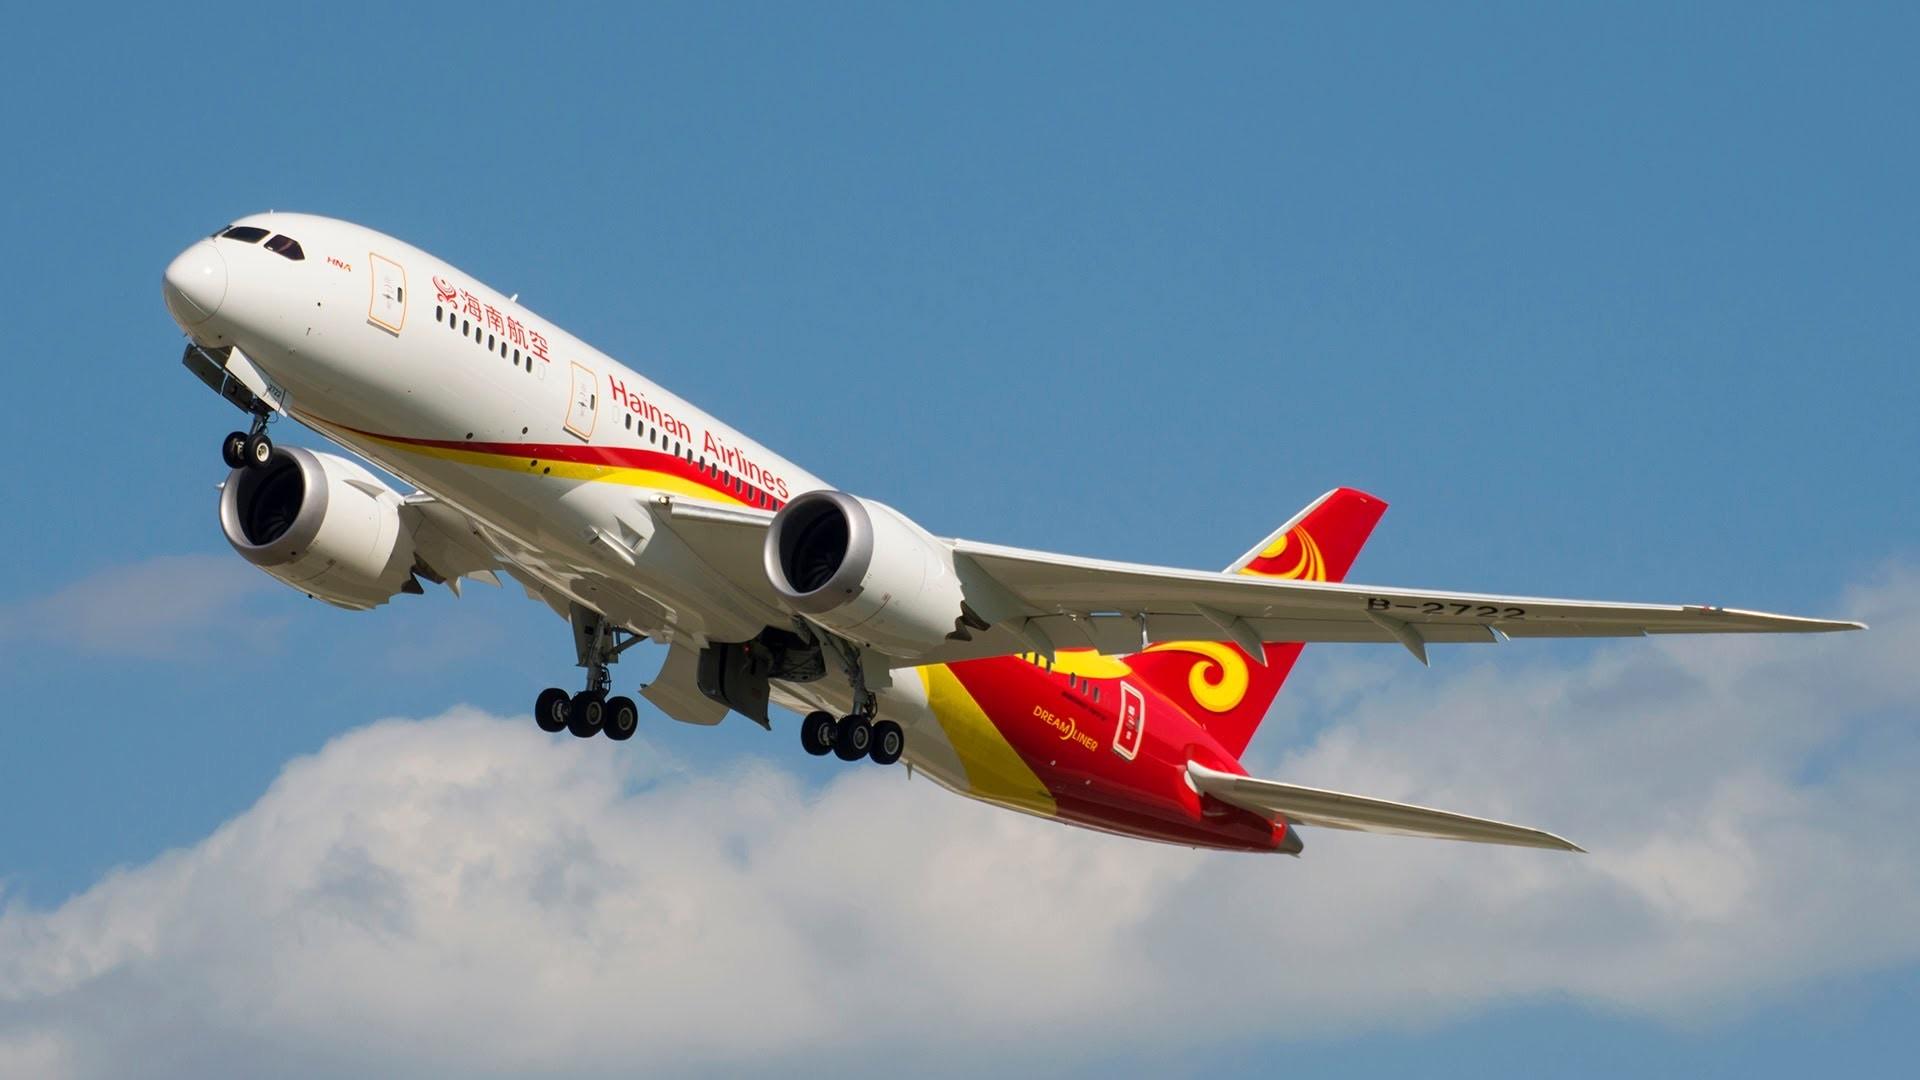 Китайская авиакомпания позволила пассажирам пользоваться электроникой вовремя полета